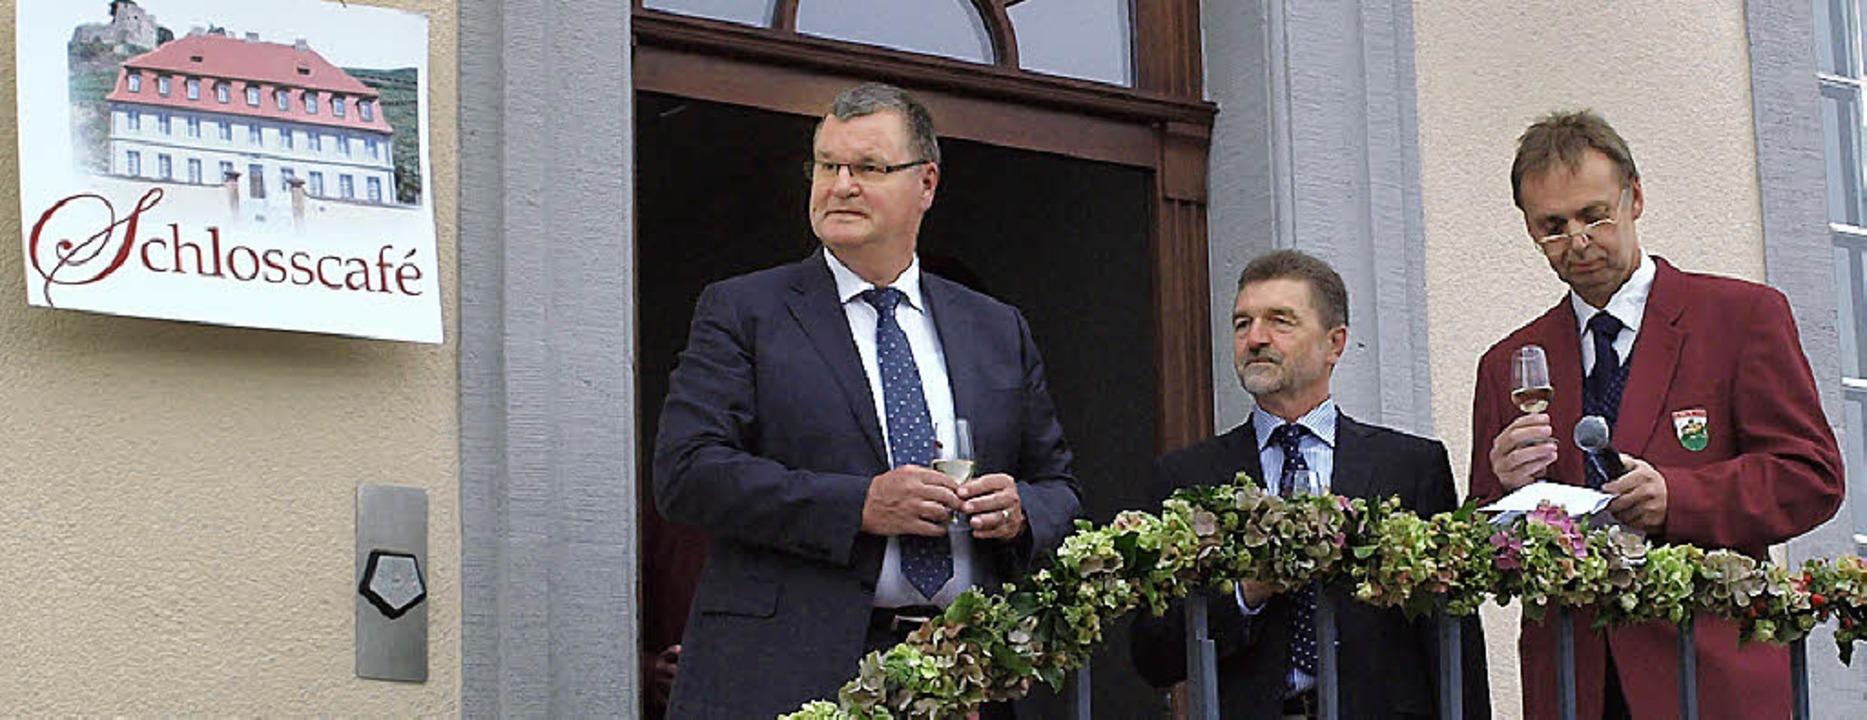 Festeröffnung in Hecklingen: Bürgermei... (von links)  lauschen dem Männerchor.  | Foto: Michael haberer